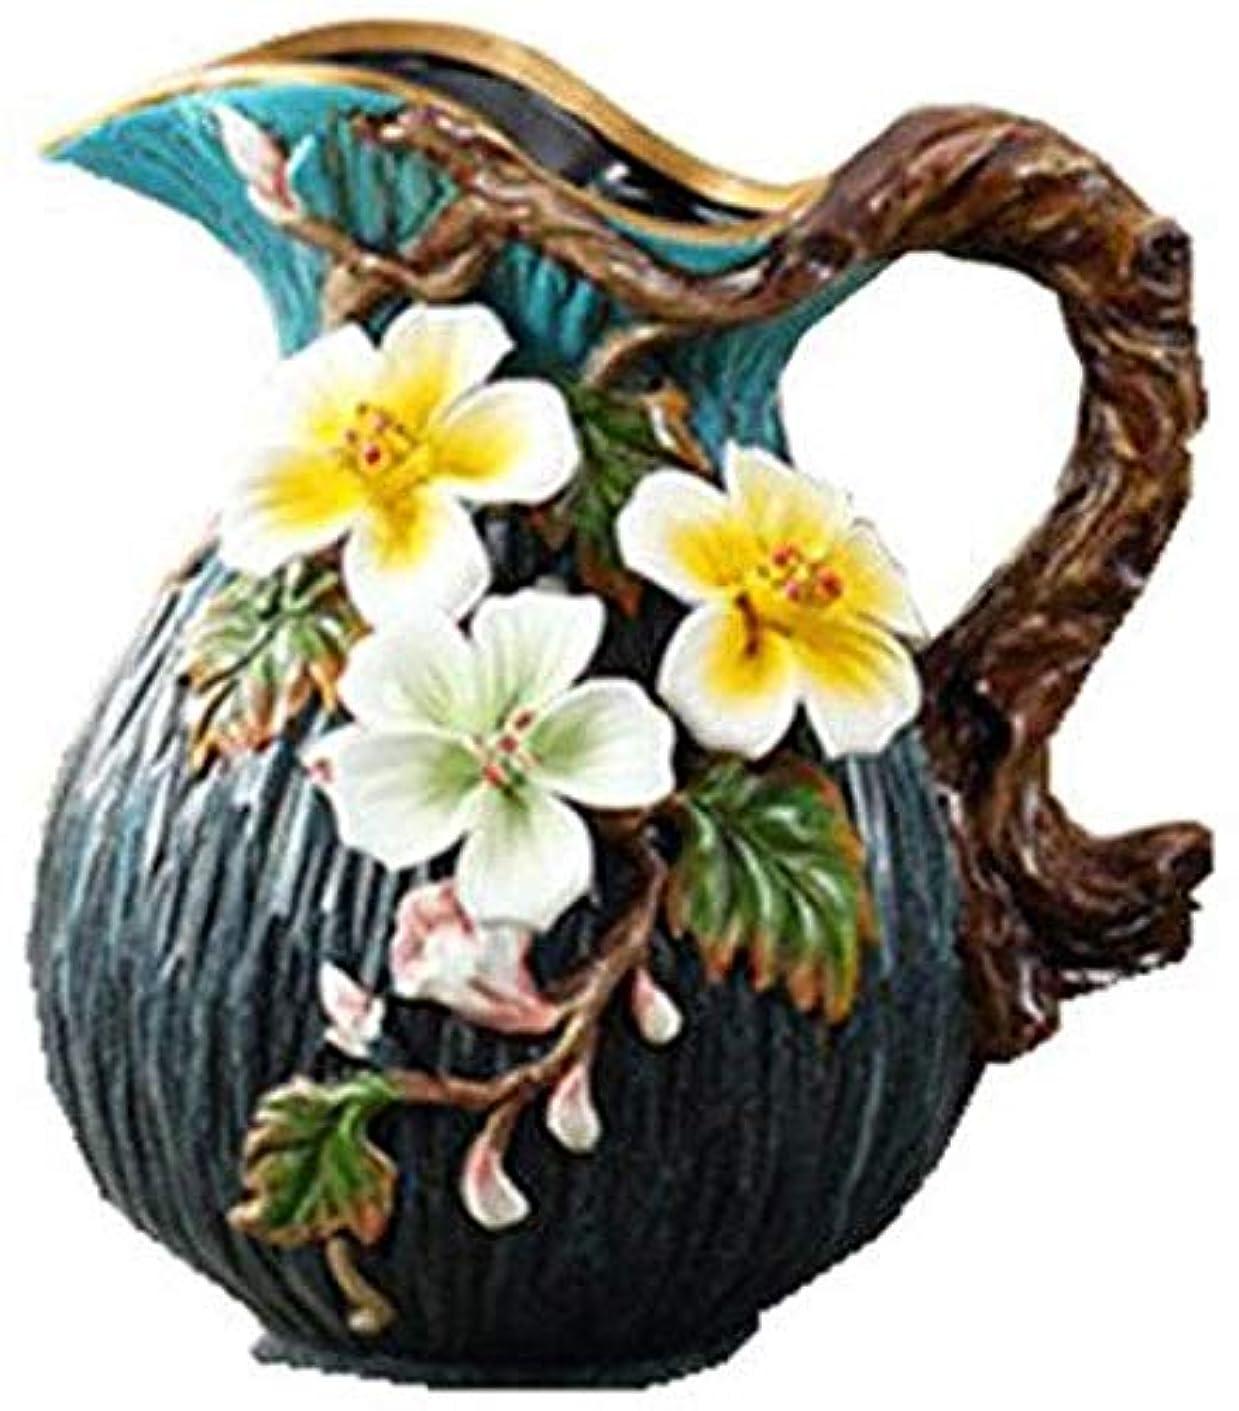 グロー海賊輸血花器 ルームホームオフィスの結婚式のセンターピースの 磁器美しい手工芸品庭の装飾セラミック 花瓶